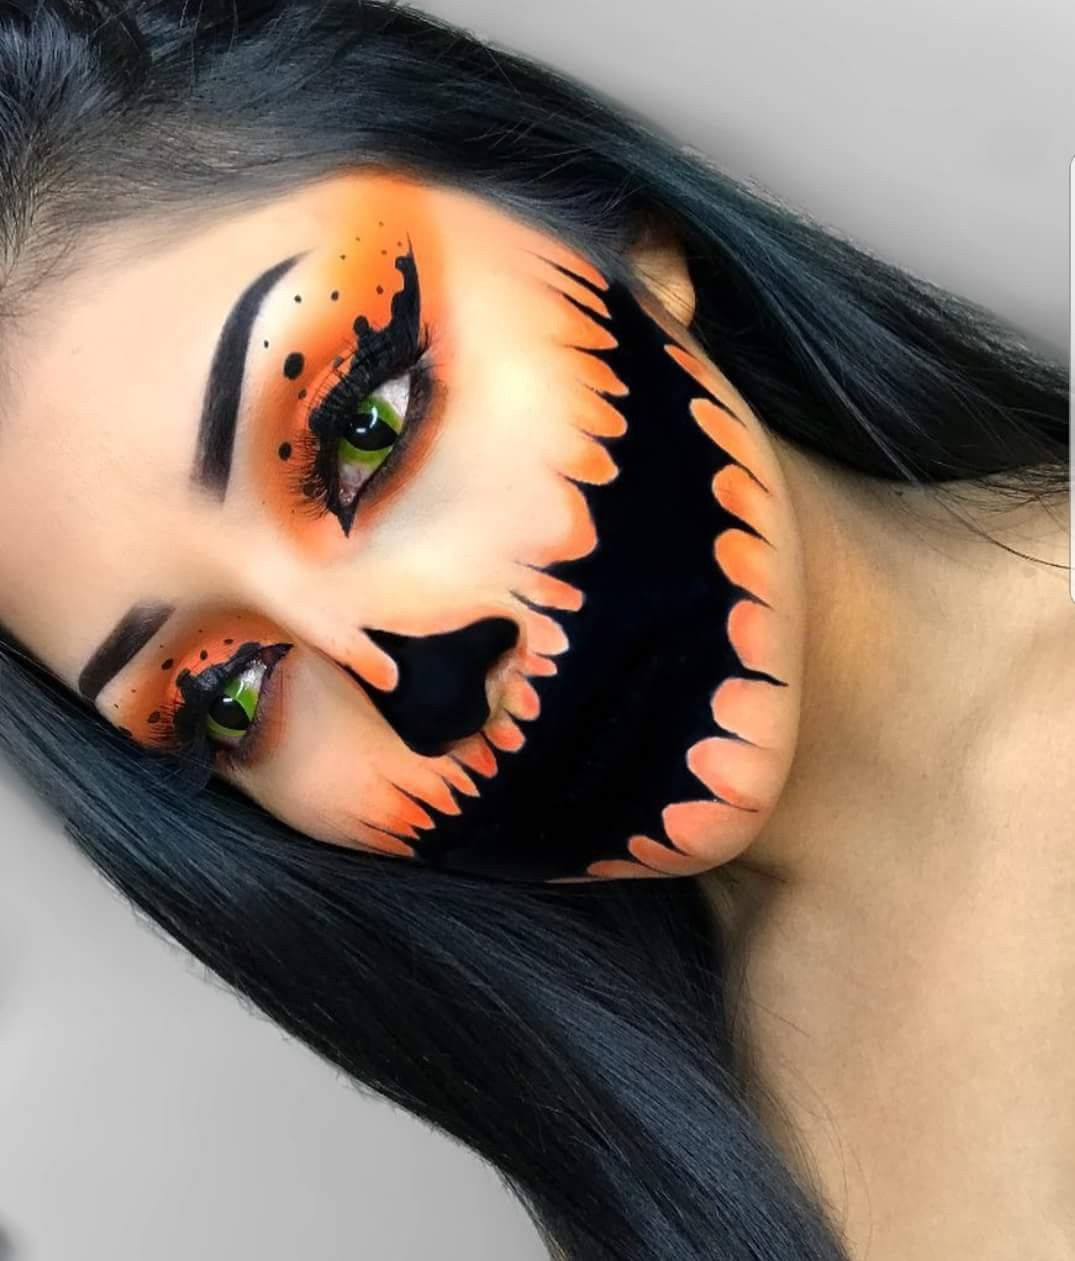 𝚙𝚒𝚗𝚝𝚎𝚛𝚎𝚜𝚝 Kayliisis Halloween Makeup Diy Halloween Makeup Looks Cool Halloween Makeup